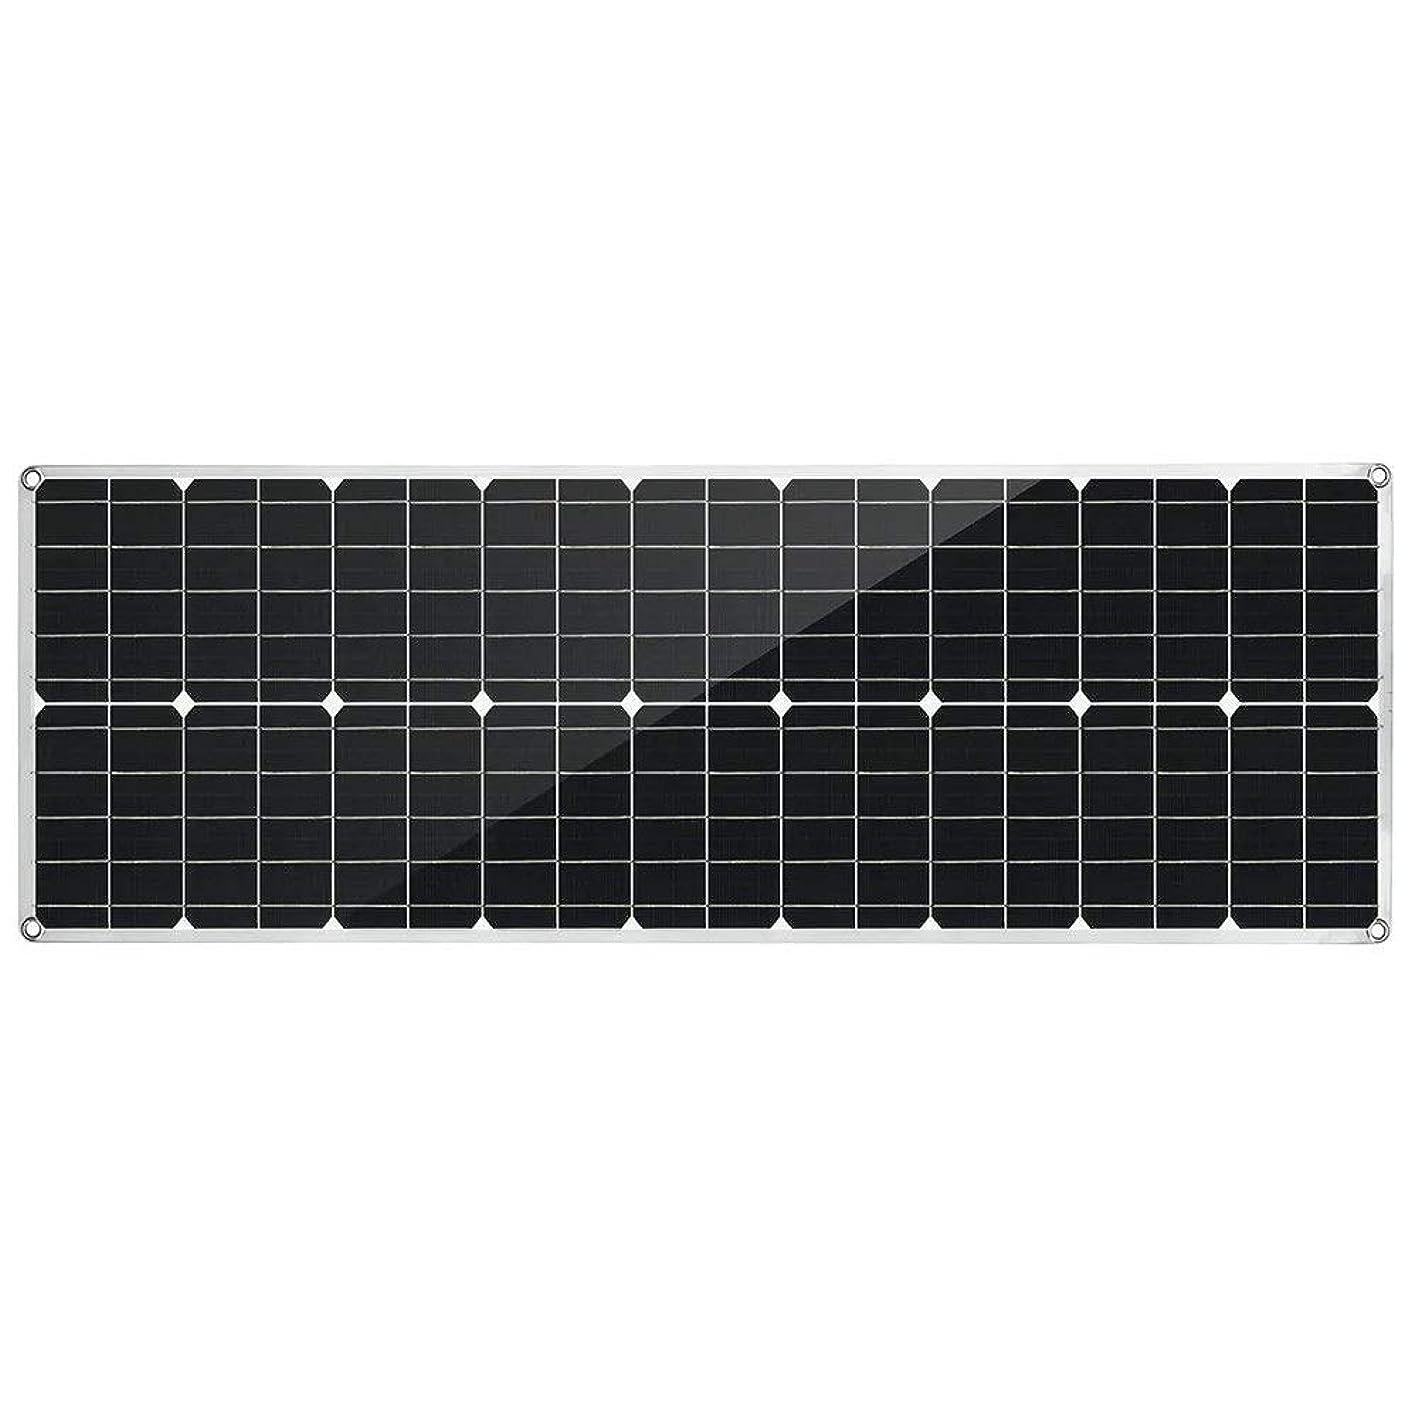 いつでも厚いふつうソーラーパネル 80W屋根ボート車PET柔軟なデュアルUSBソーラーパネルDC出力のバッテリーチャージャー (Color : Black, Size : 80w)